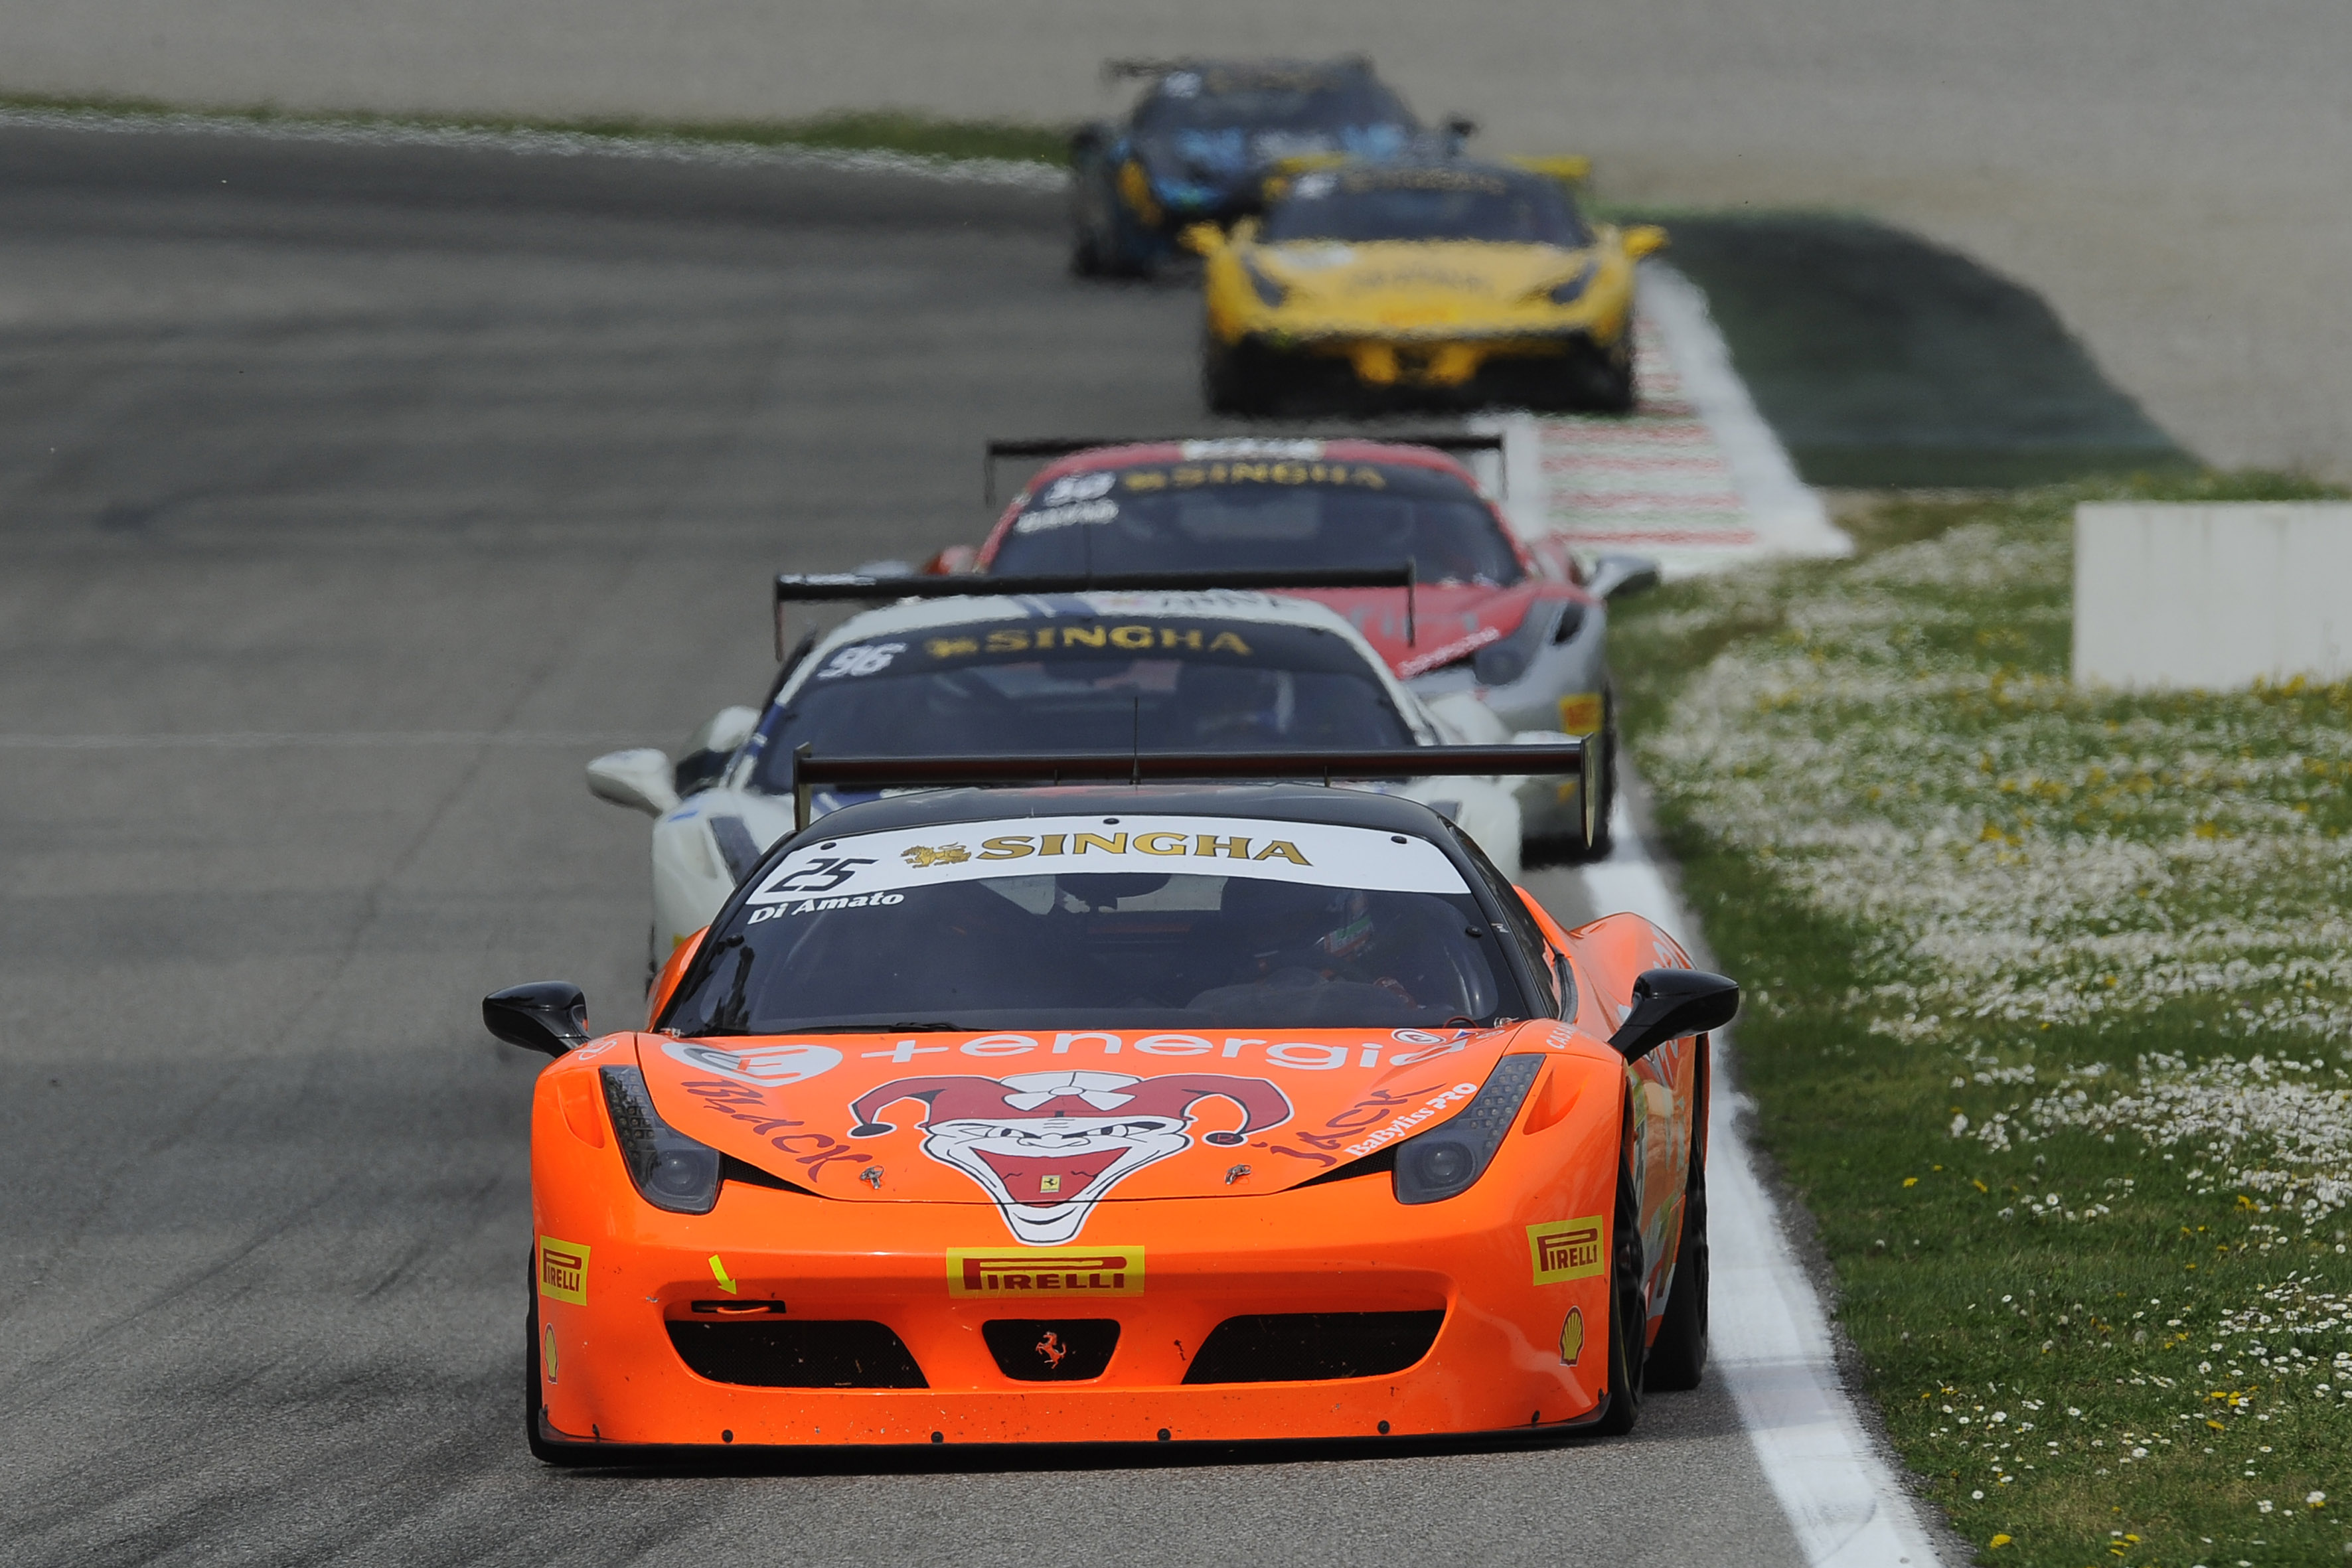 Trofeo Pirelli: podio tutto italiano in Gara 2